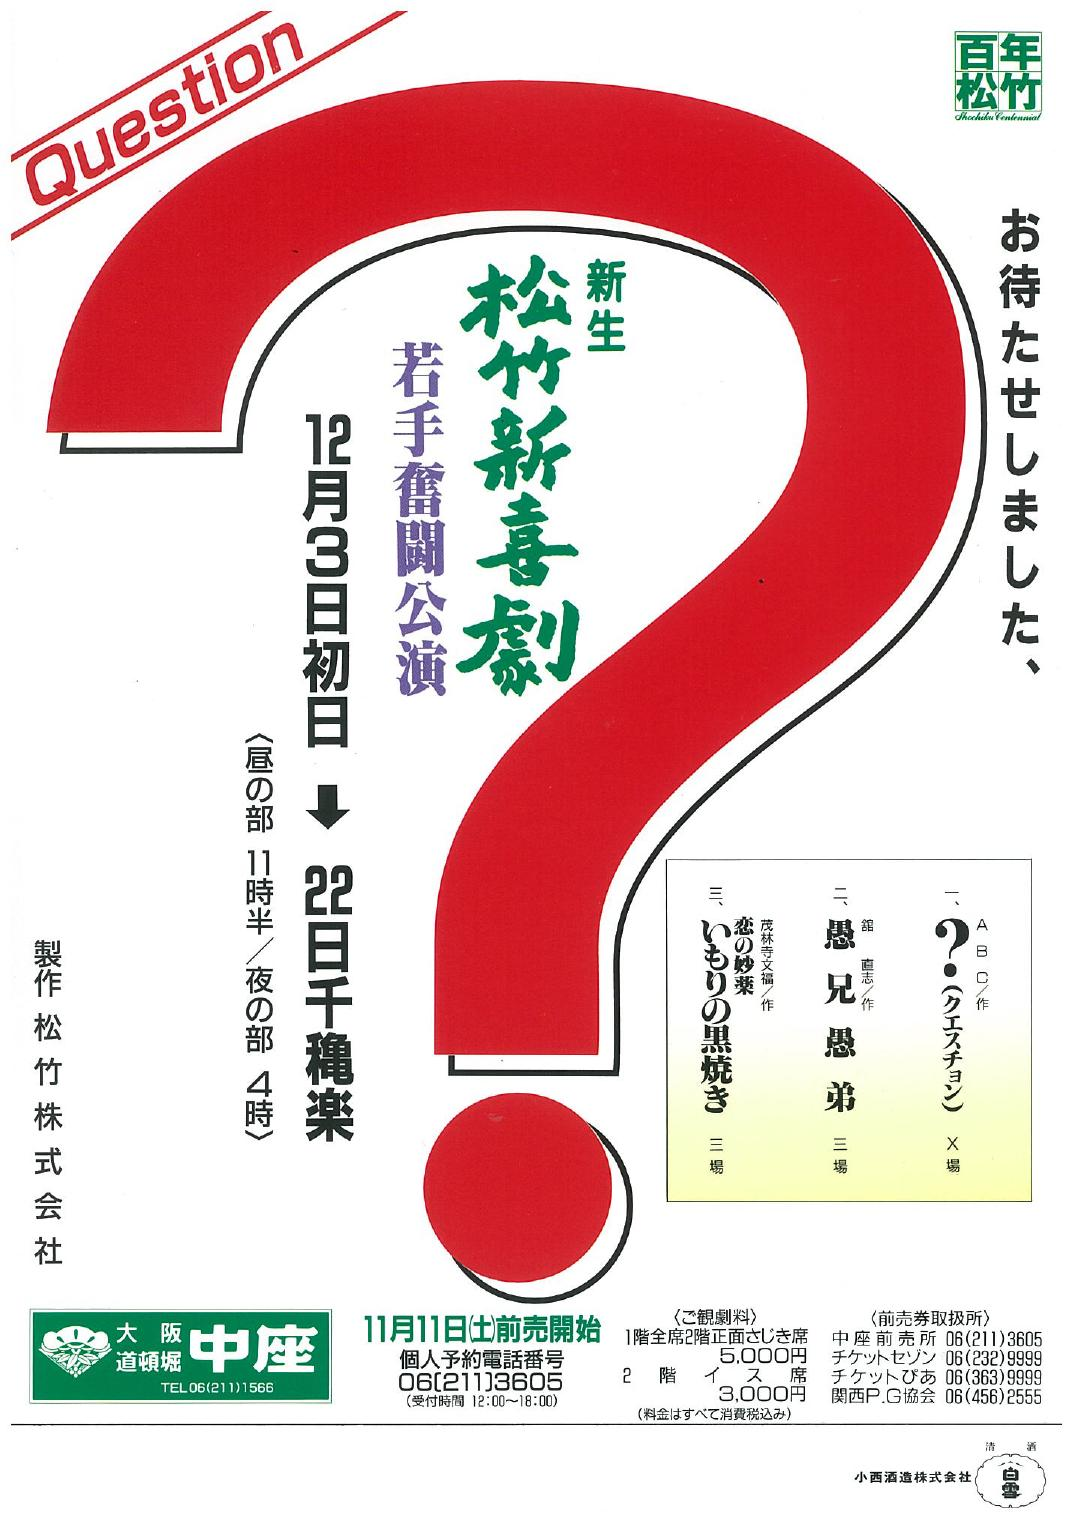 【中座】新生松竹新喜劇 若手奮闘公演